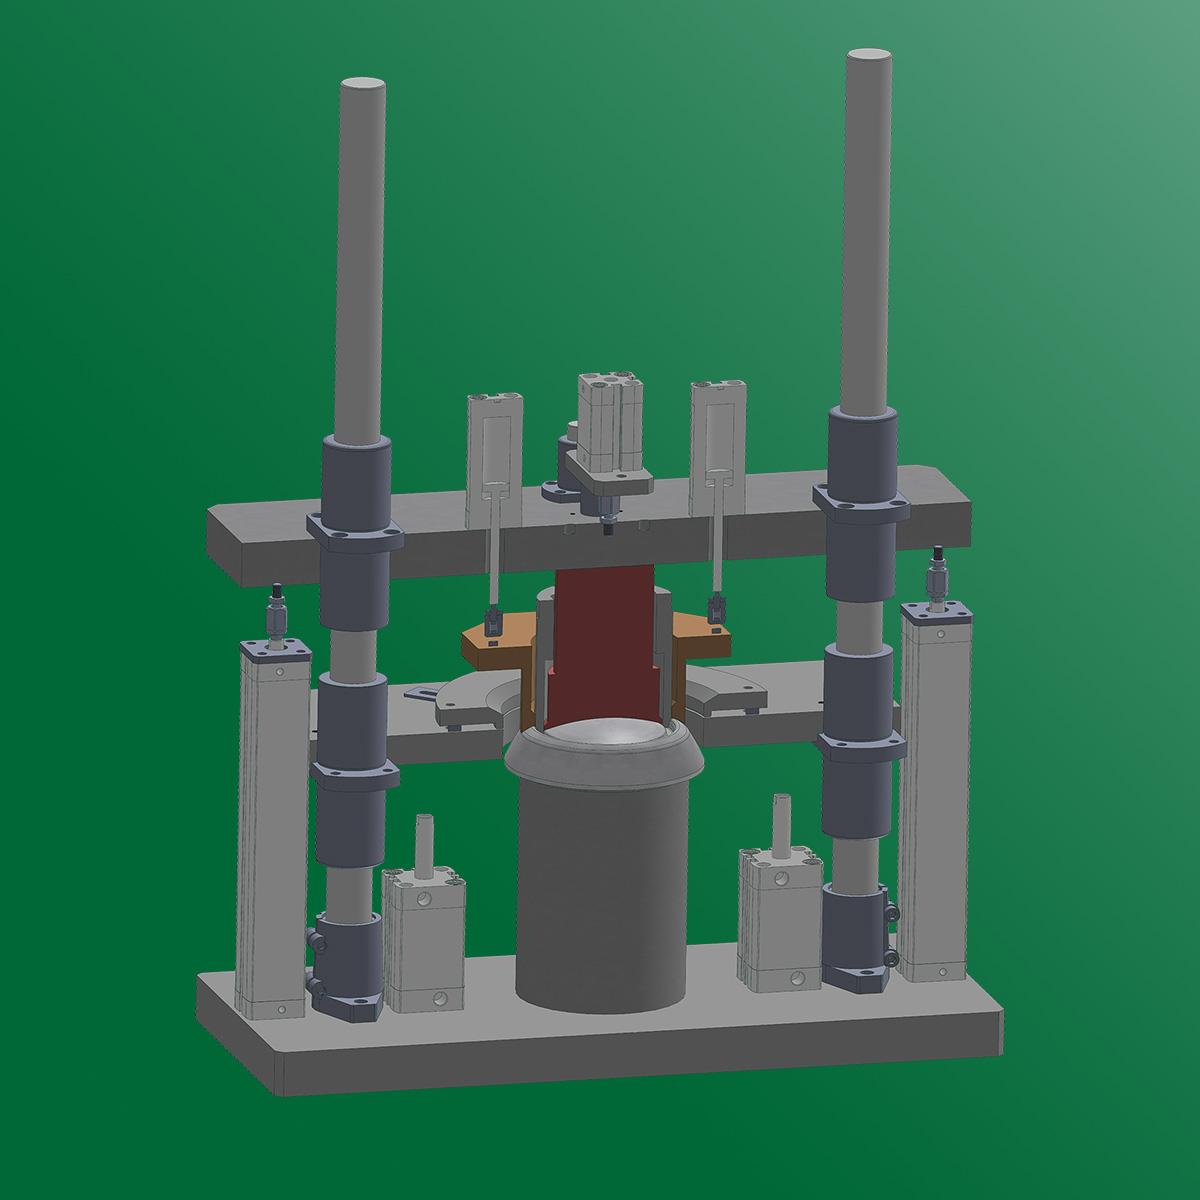 versuchswerkzeug vs sondermaschinenbau 3d zeichnung